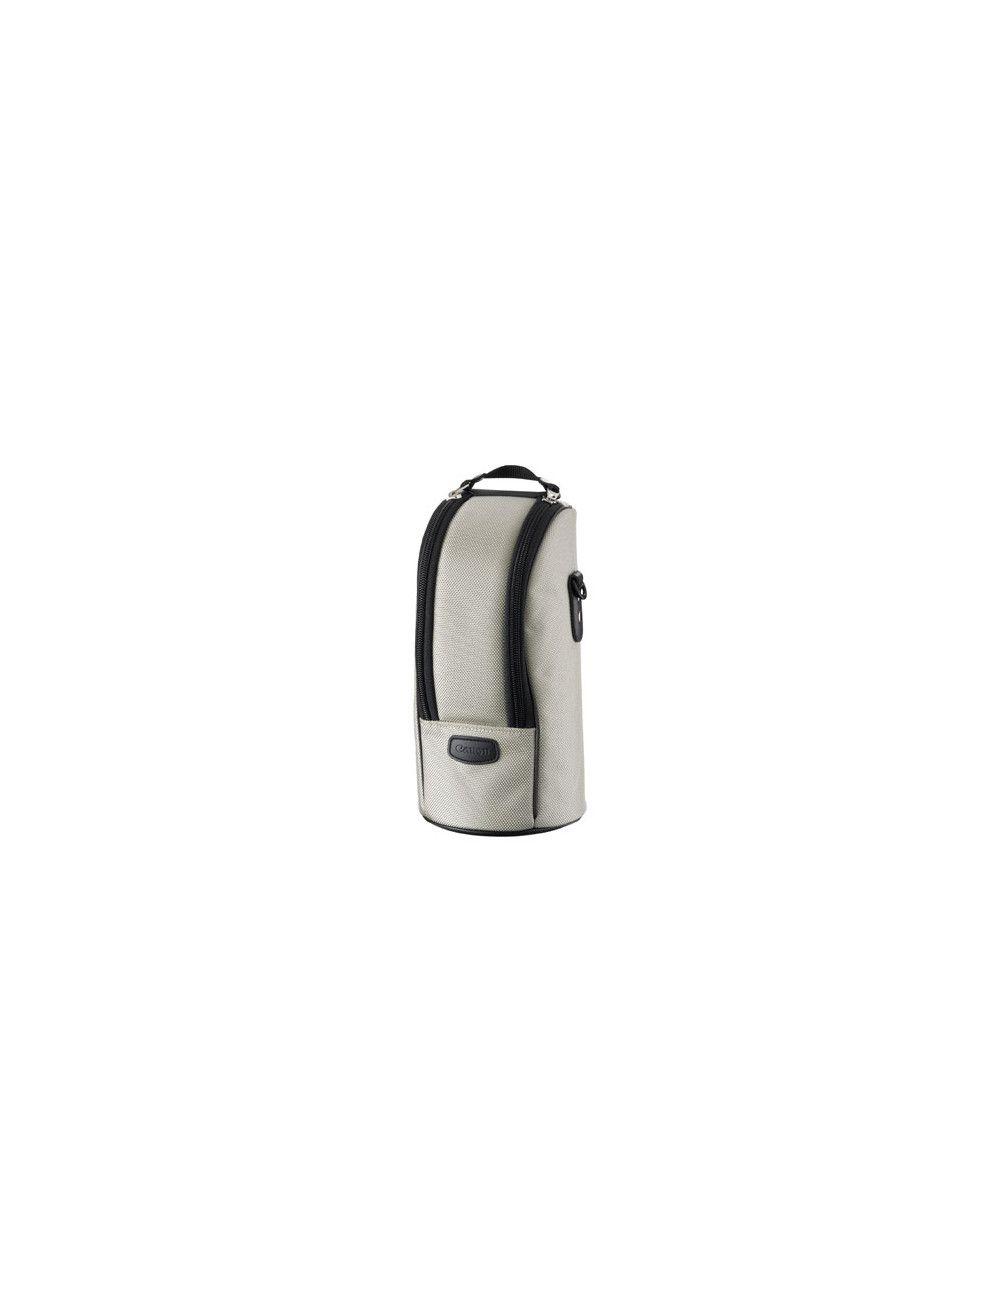 Filtro ND2-400 Fancier 67mm